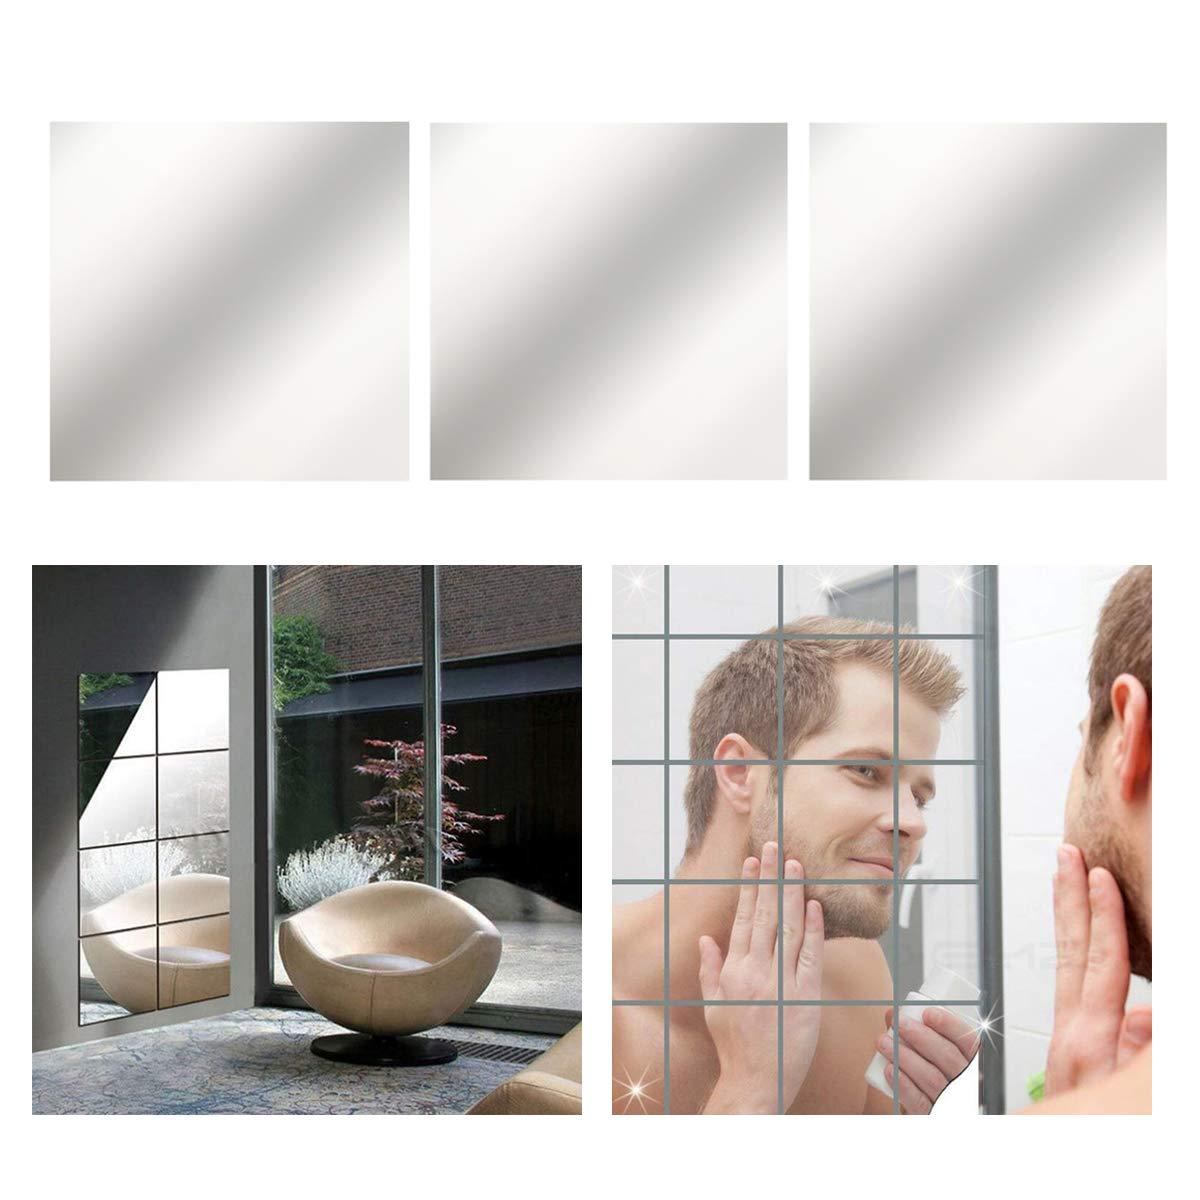 Xemz 3D specchio, specchio da parete adesivi, autoadesivo plastica specchio mosaico, stile moderno DIY specchio decorativo parete sfondo, adesivi per decorazione casa camera da letto soggiorno